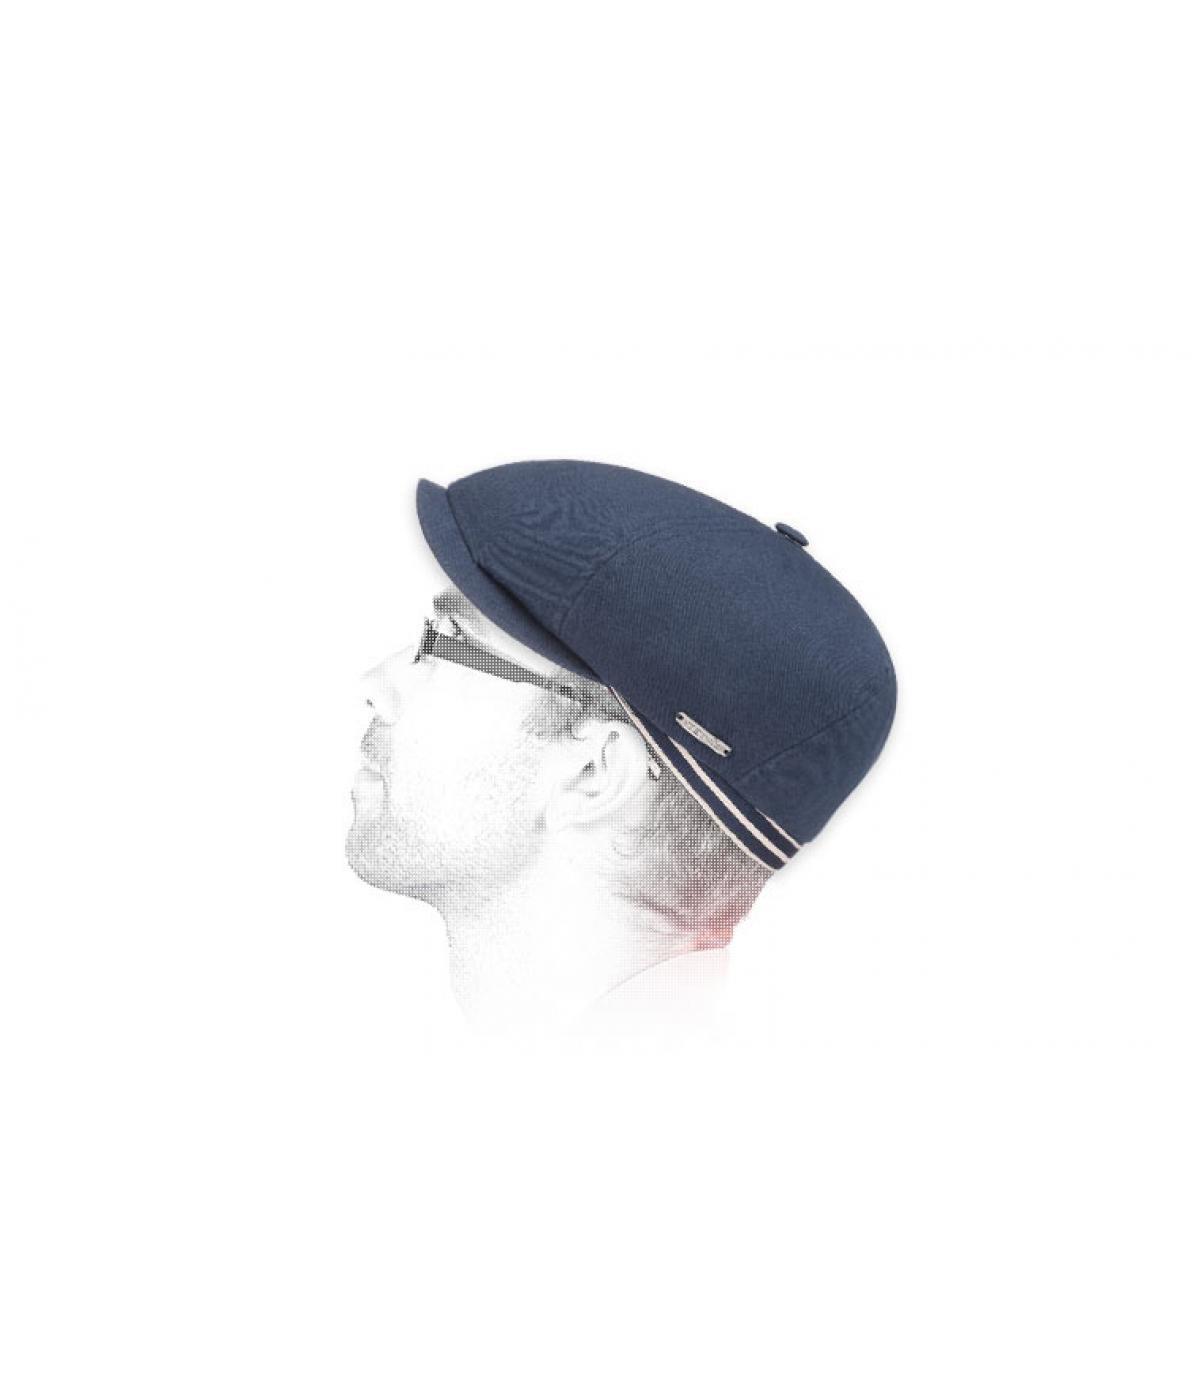 Stetson krantenverkoper cap navy